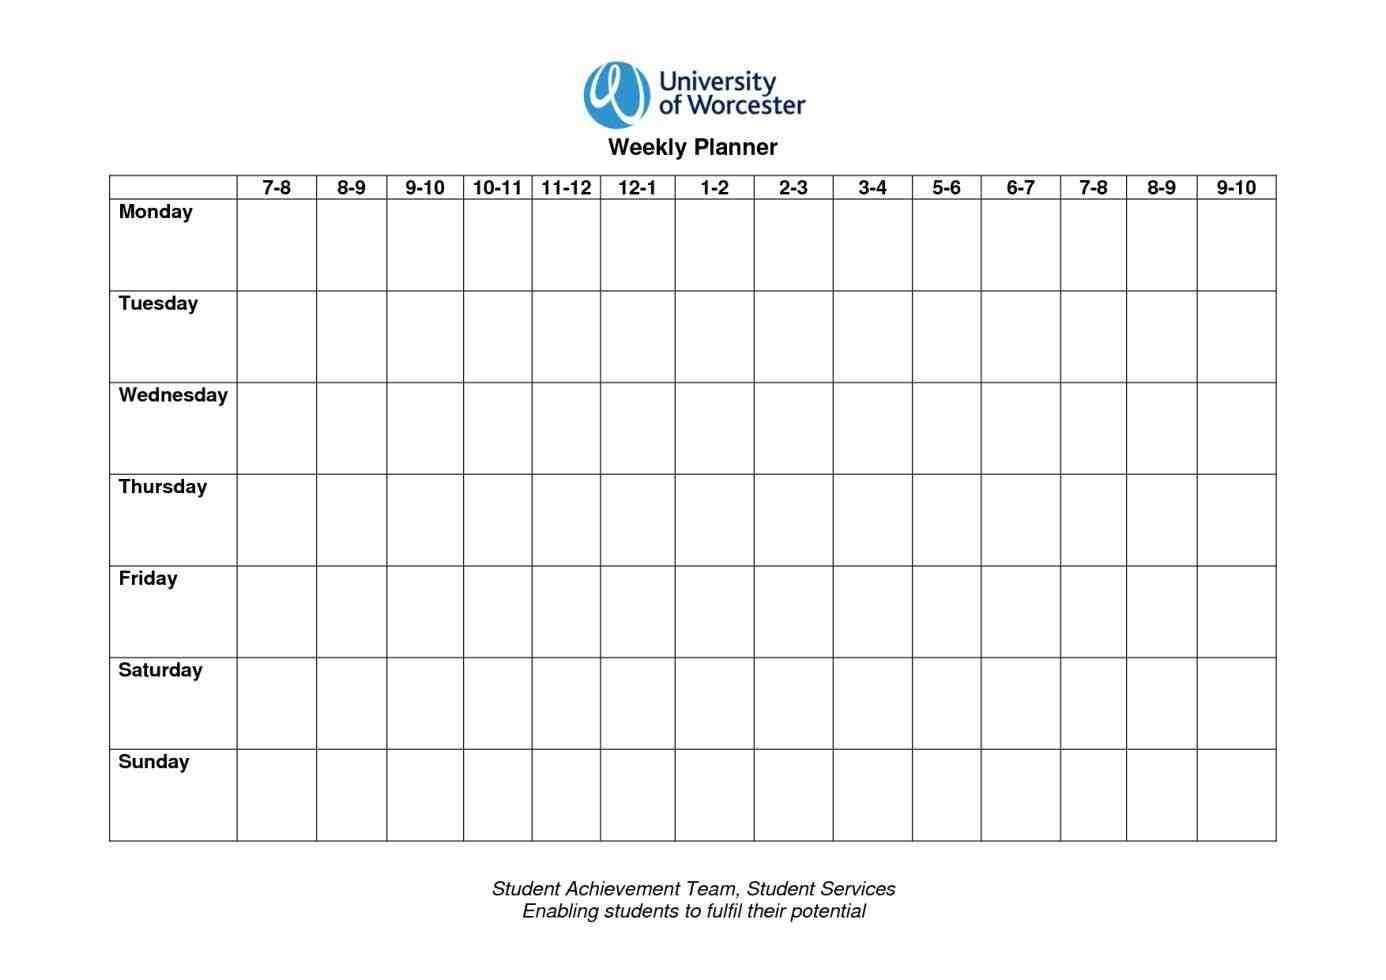 Monday Through Sunday Calendar   Calendar Template 2020 How To Make A Calendar In Word Monday Through Sunday